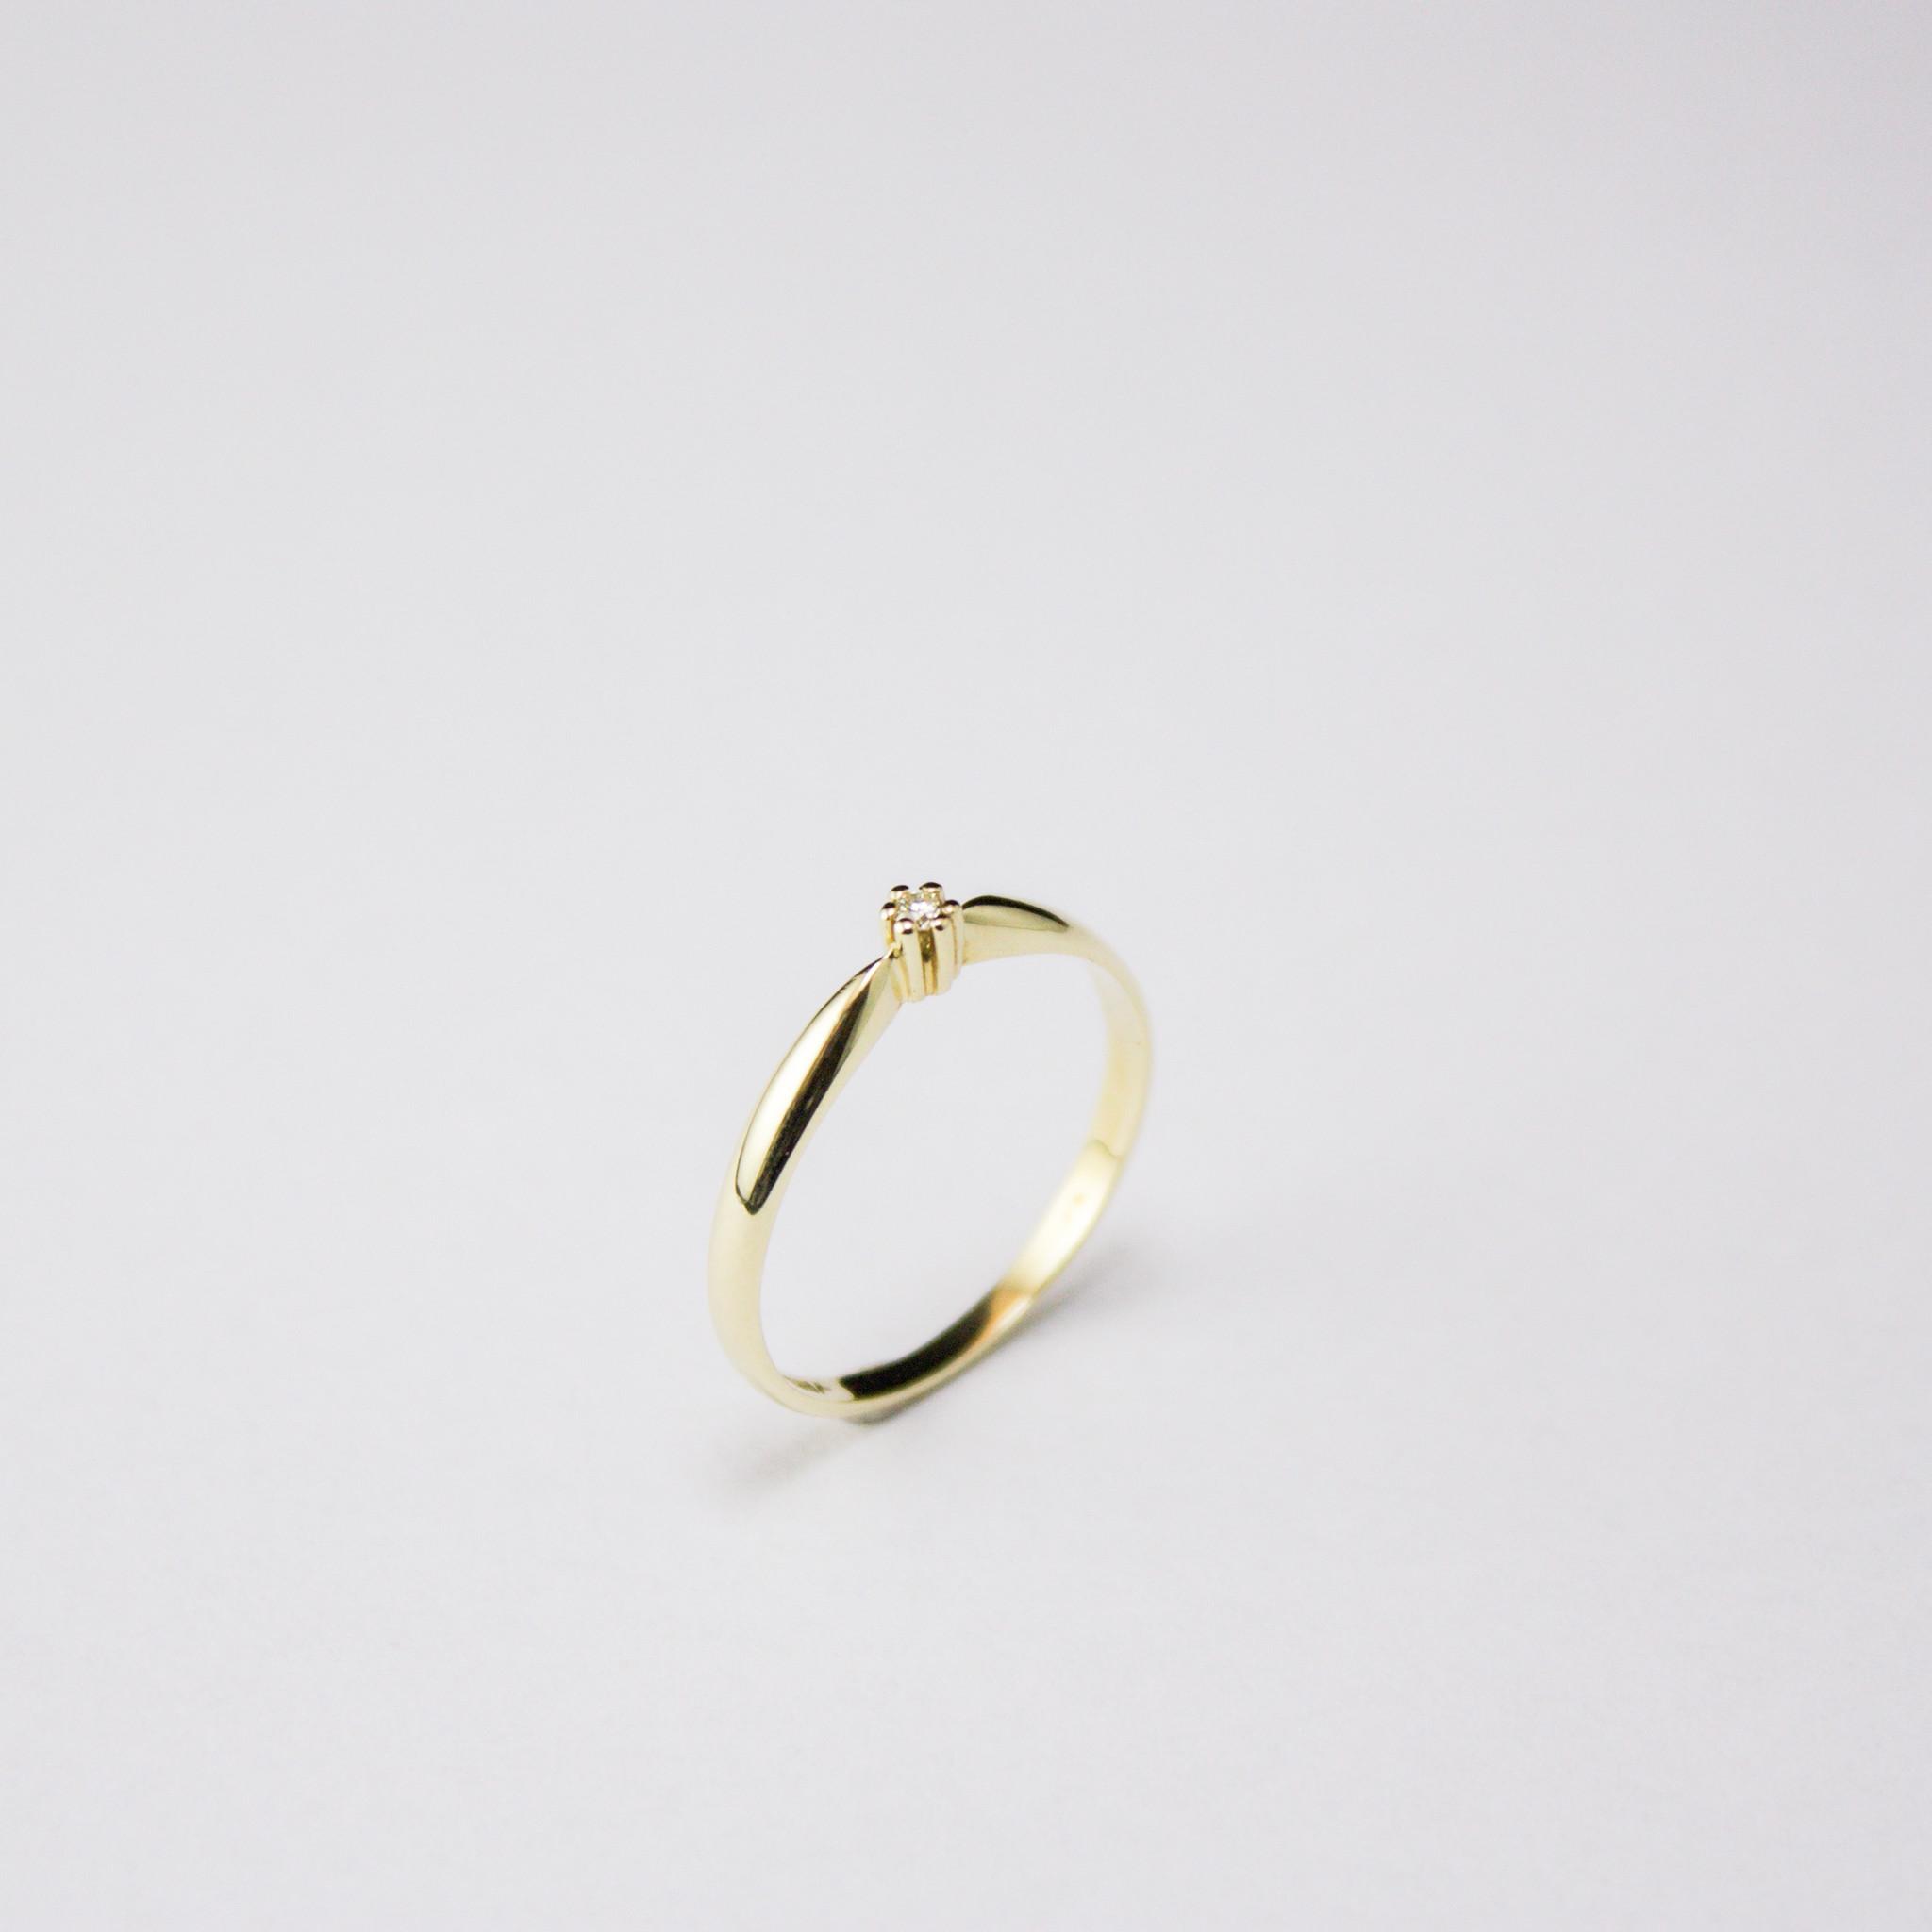 Ring SOLITAIR, goud met diamant-1